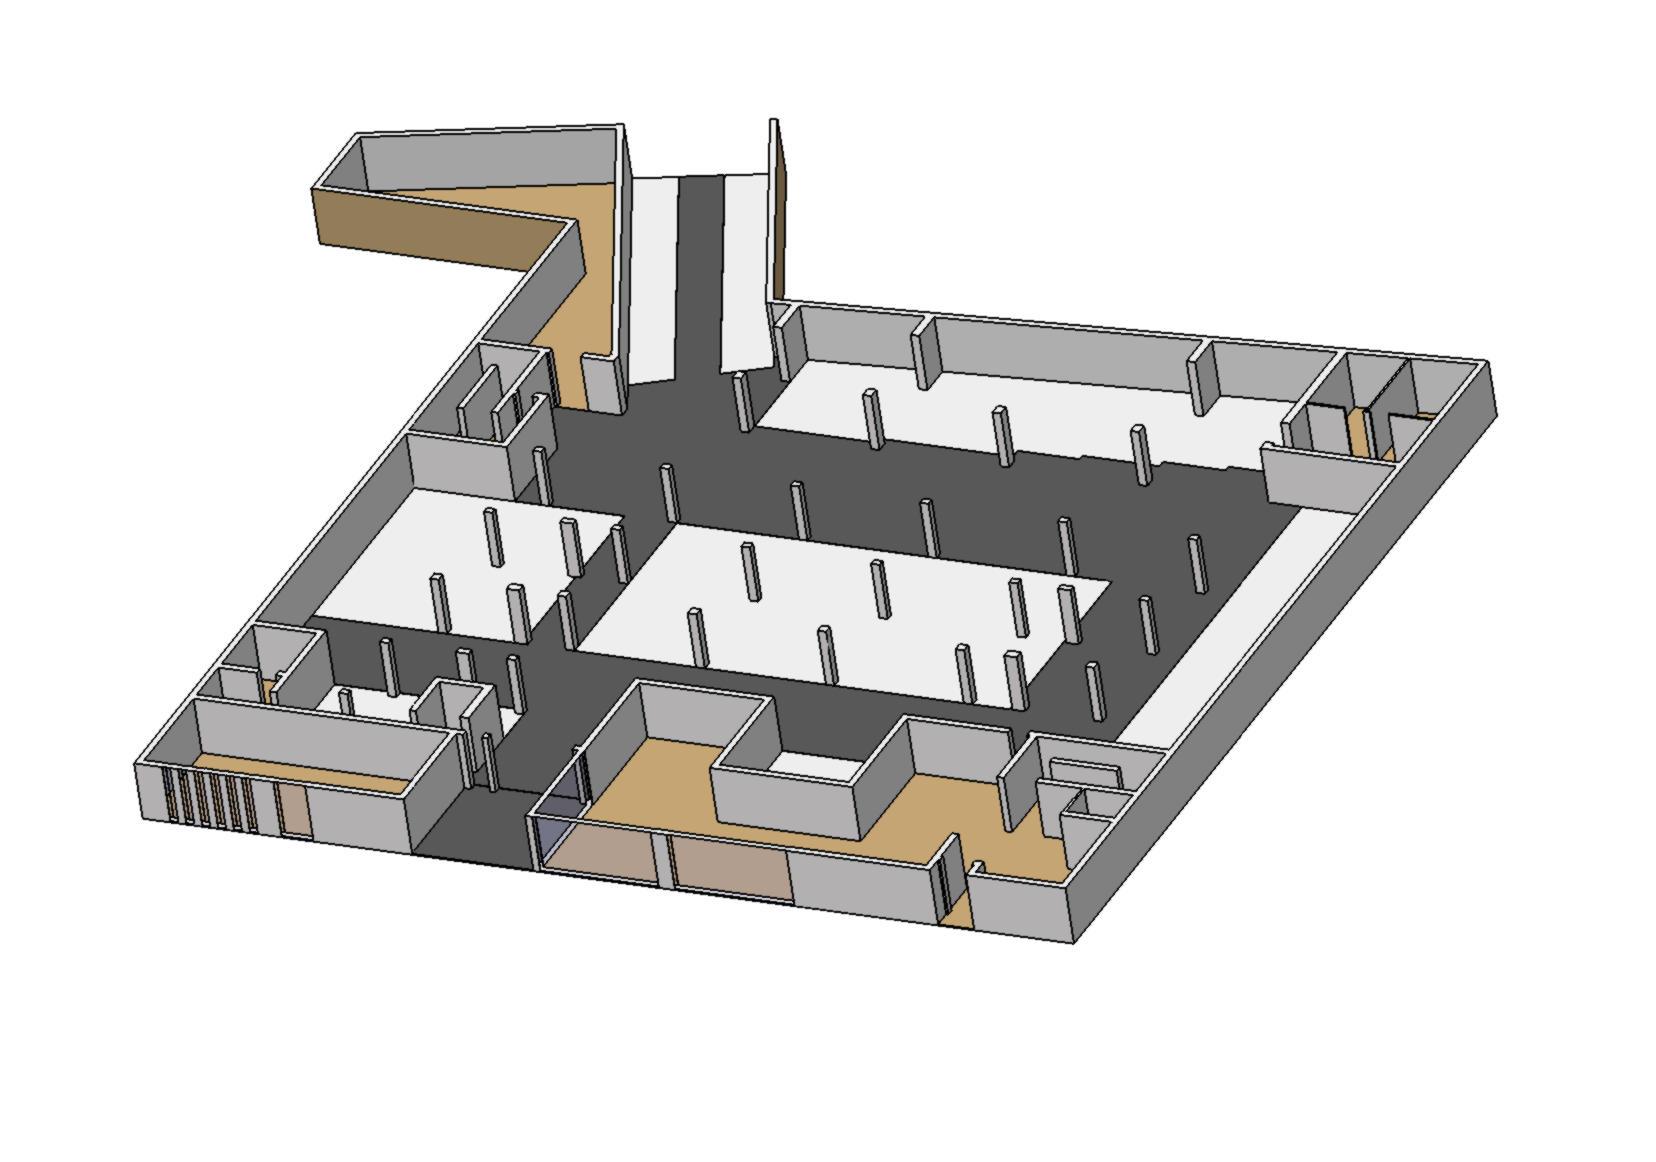 6 CATIA V5 plan 3D pour faciliter les discussions en groupe de travail